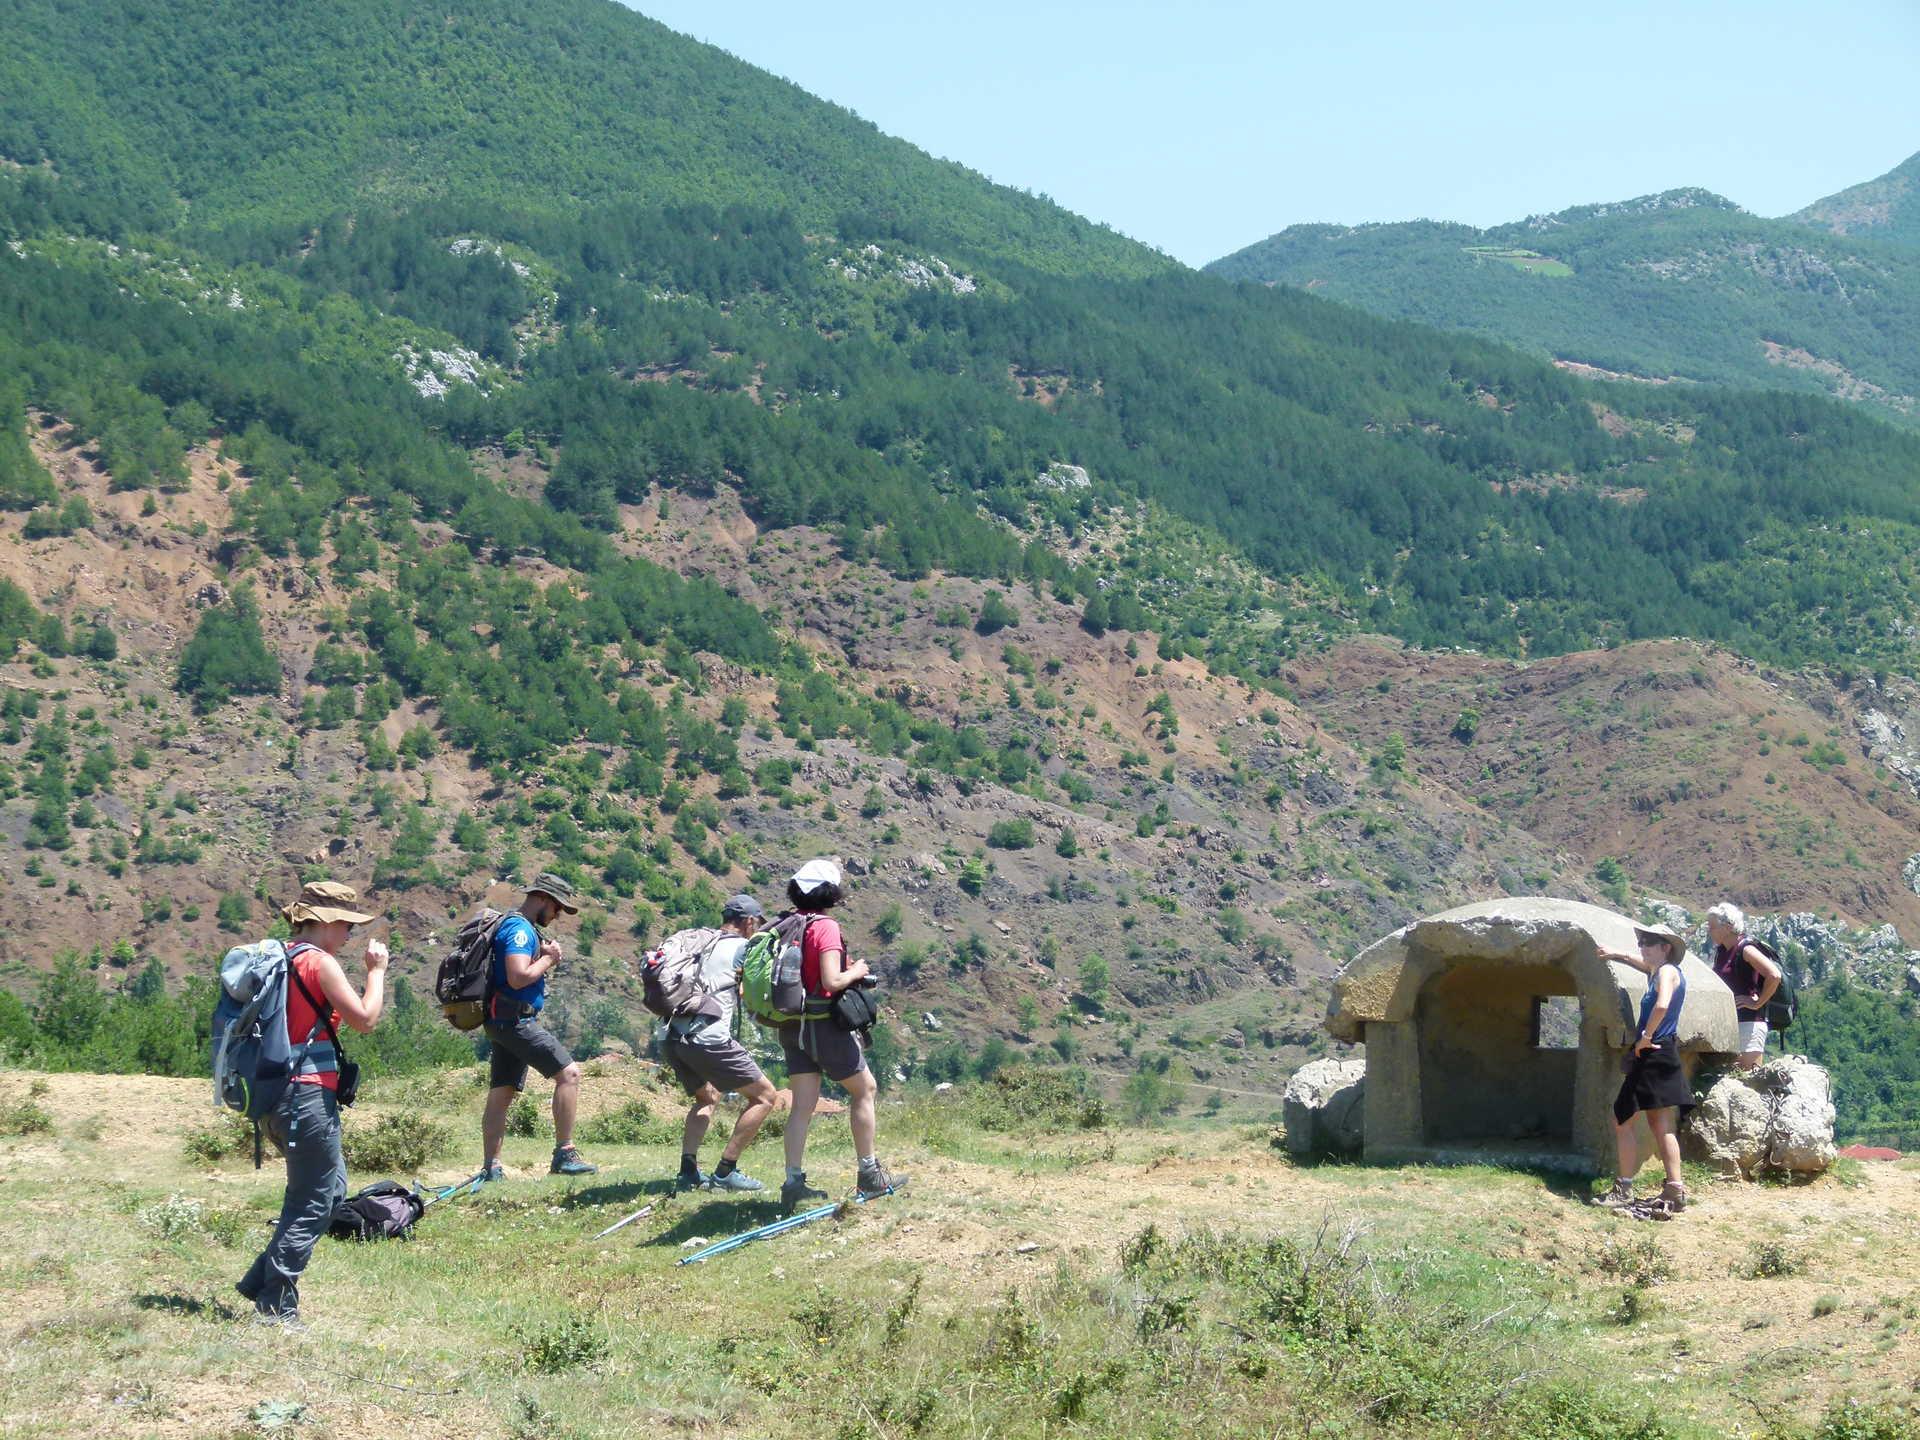 Albanie, bunker dans entre Sirice et Miraq